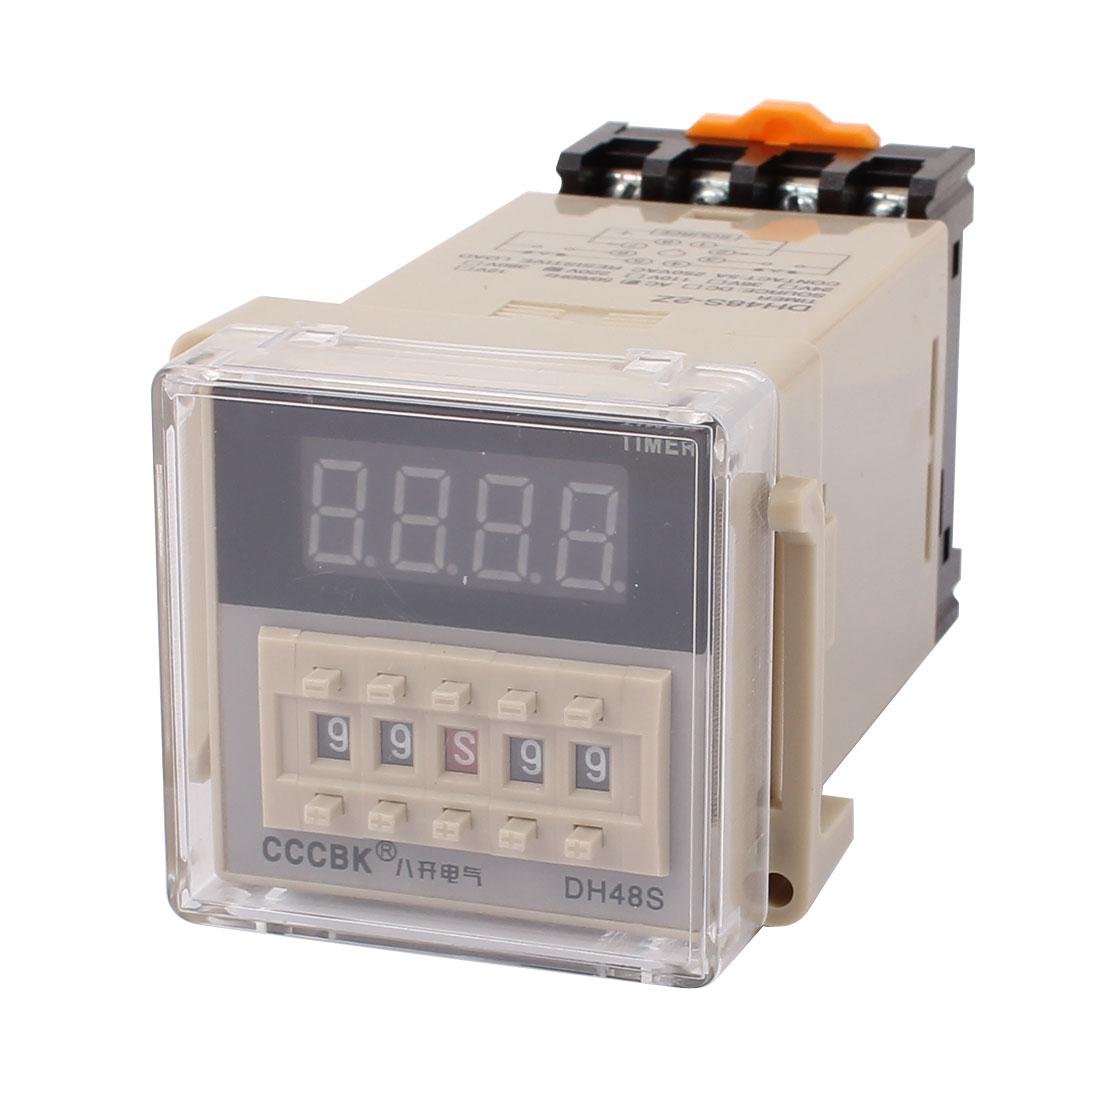 DH48S-2Z AC 220V 0.01s-99H99M Adjustable Timer Control Programe w Base Socket